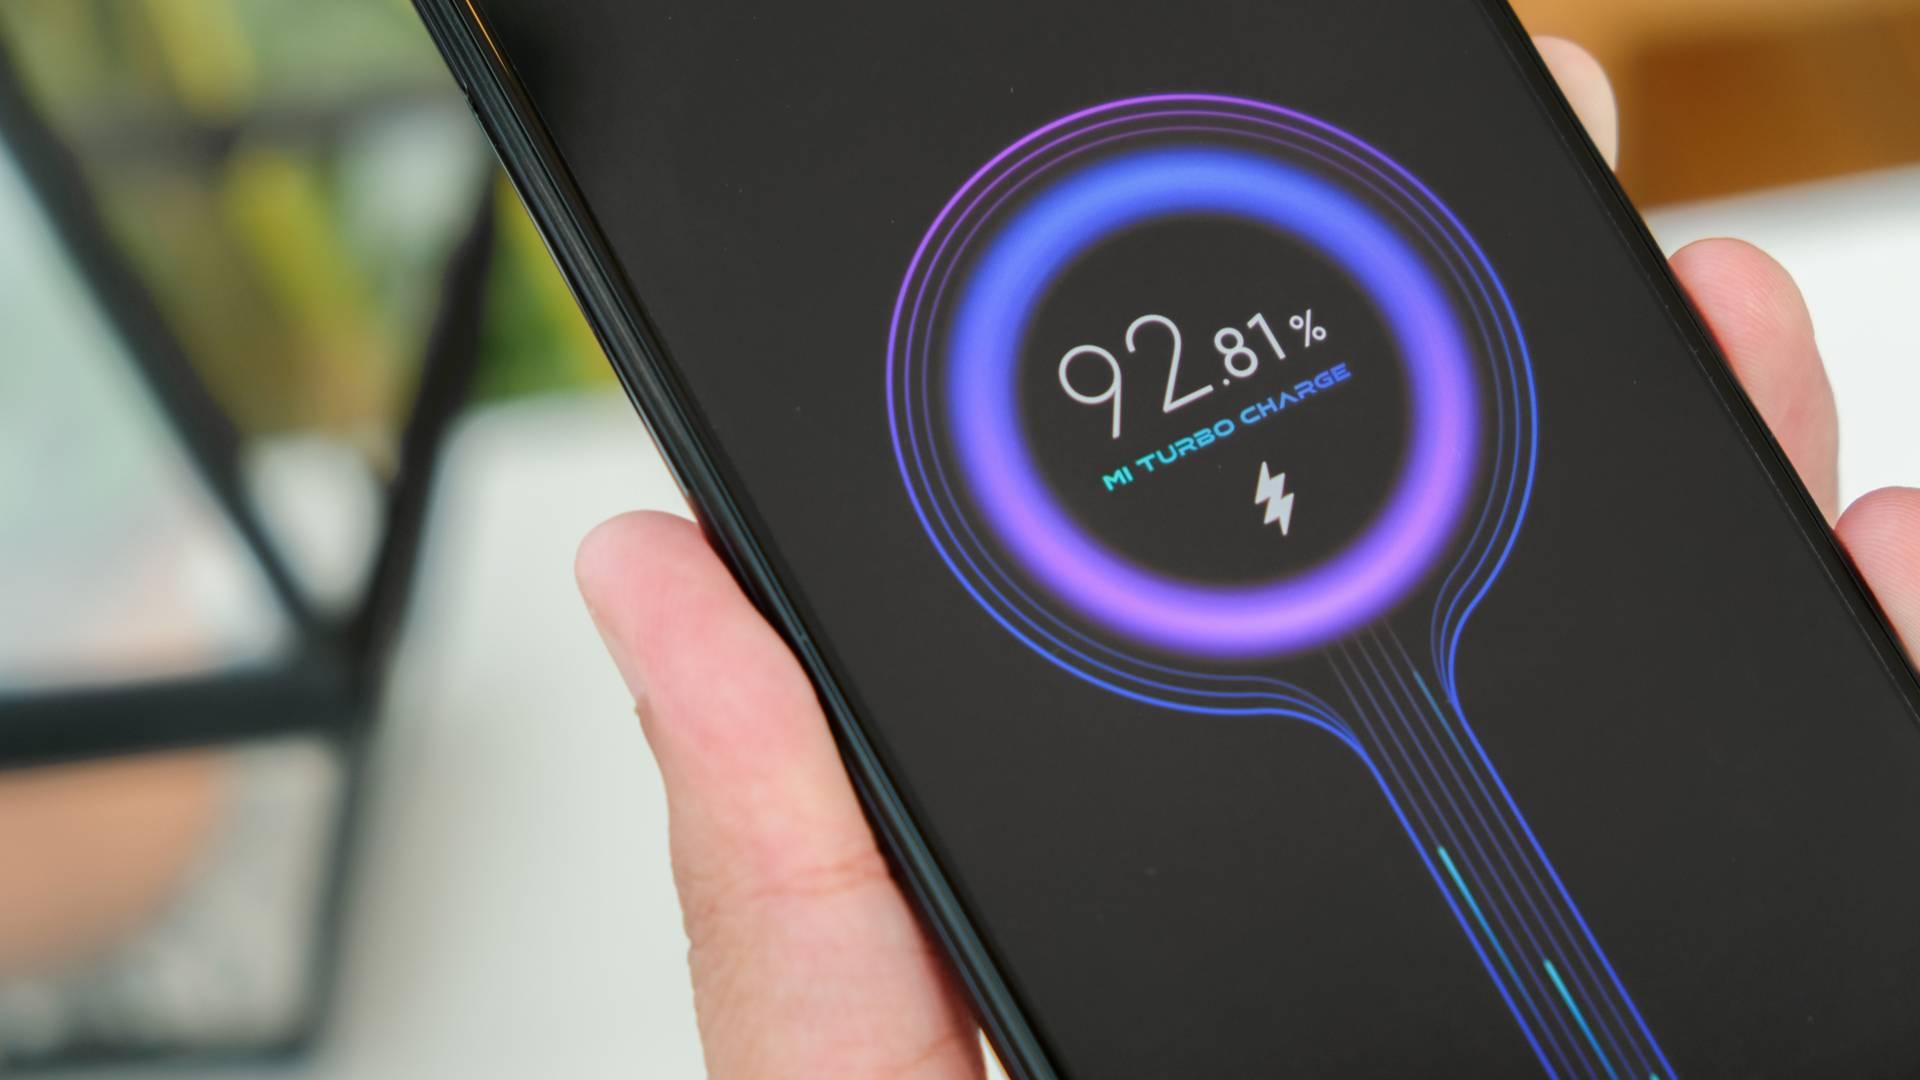 Foto de um celular Xiaomi carregando com a tecnologia turbo